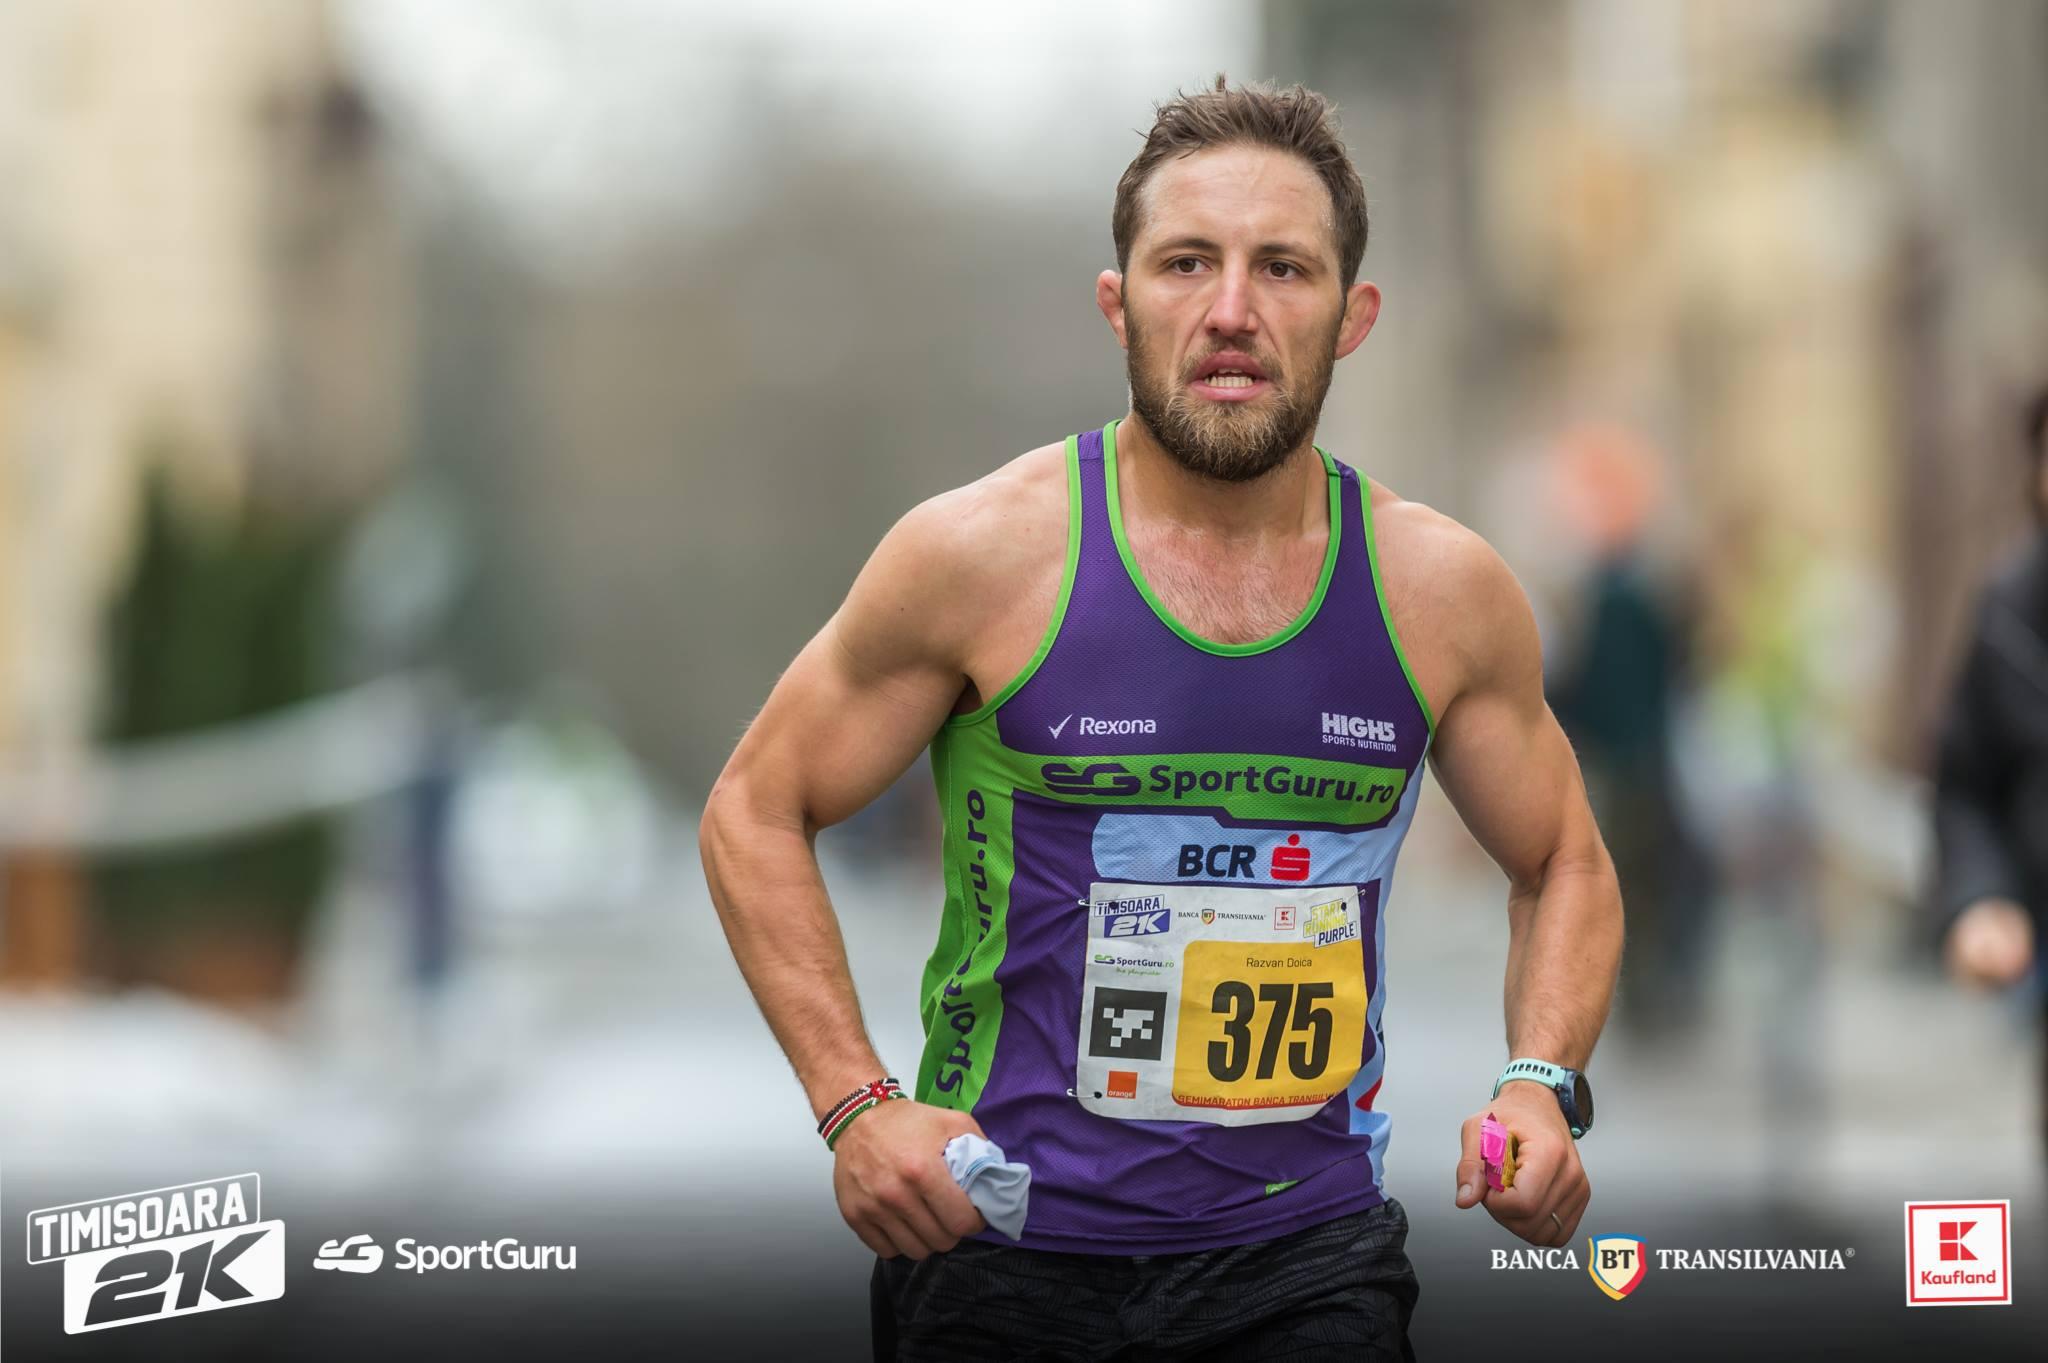 Razvan Doica - Timisoara 21K - Sportguru